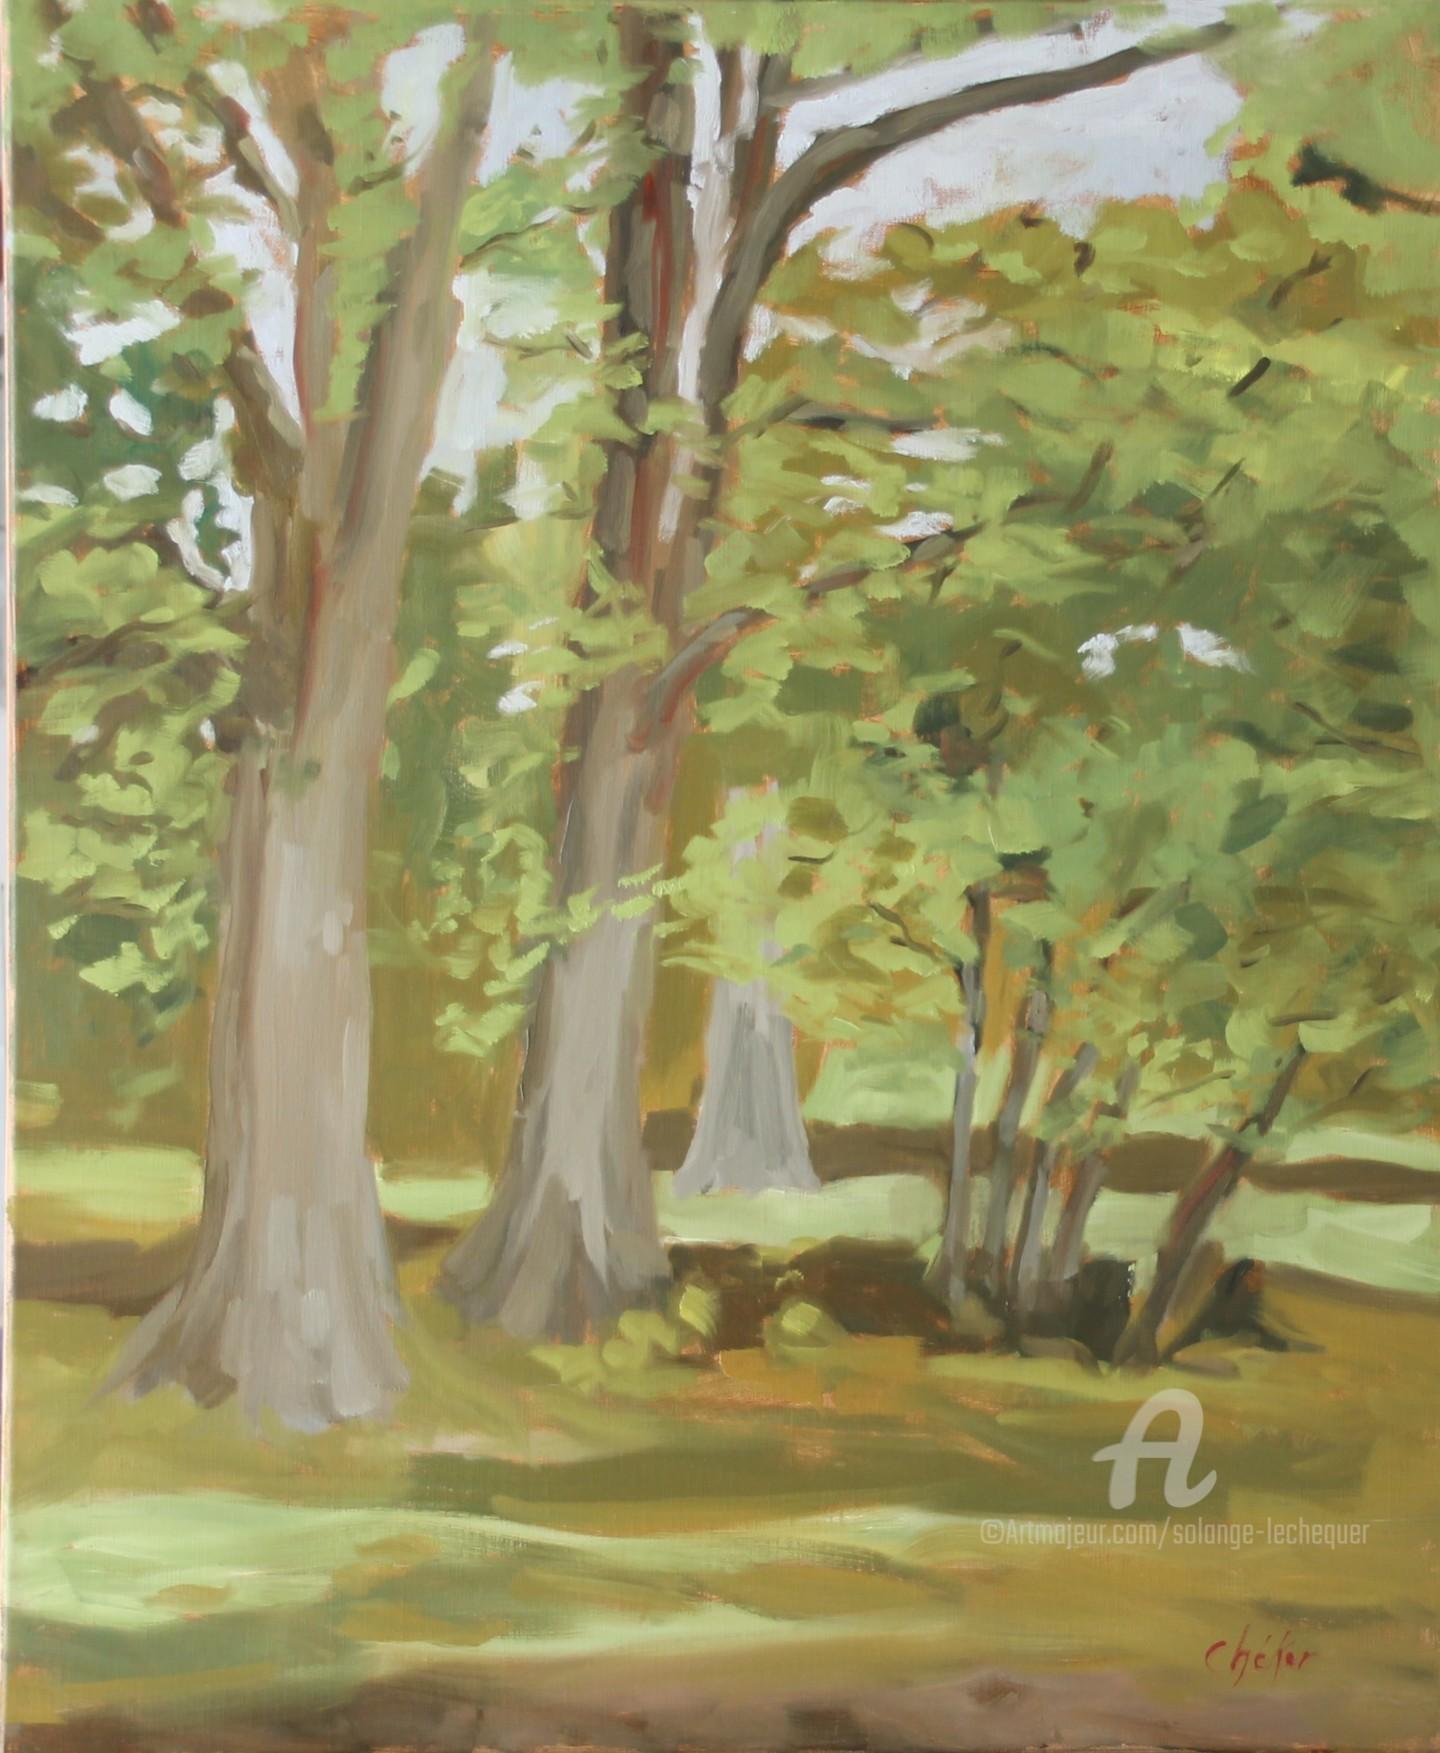 Chéker - En Sologne, Bosquet d'arbres au Glandier 2